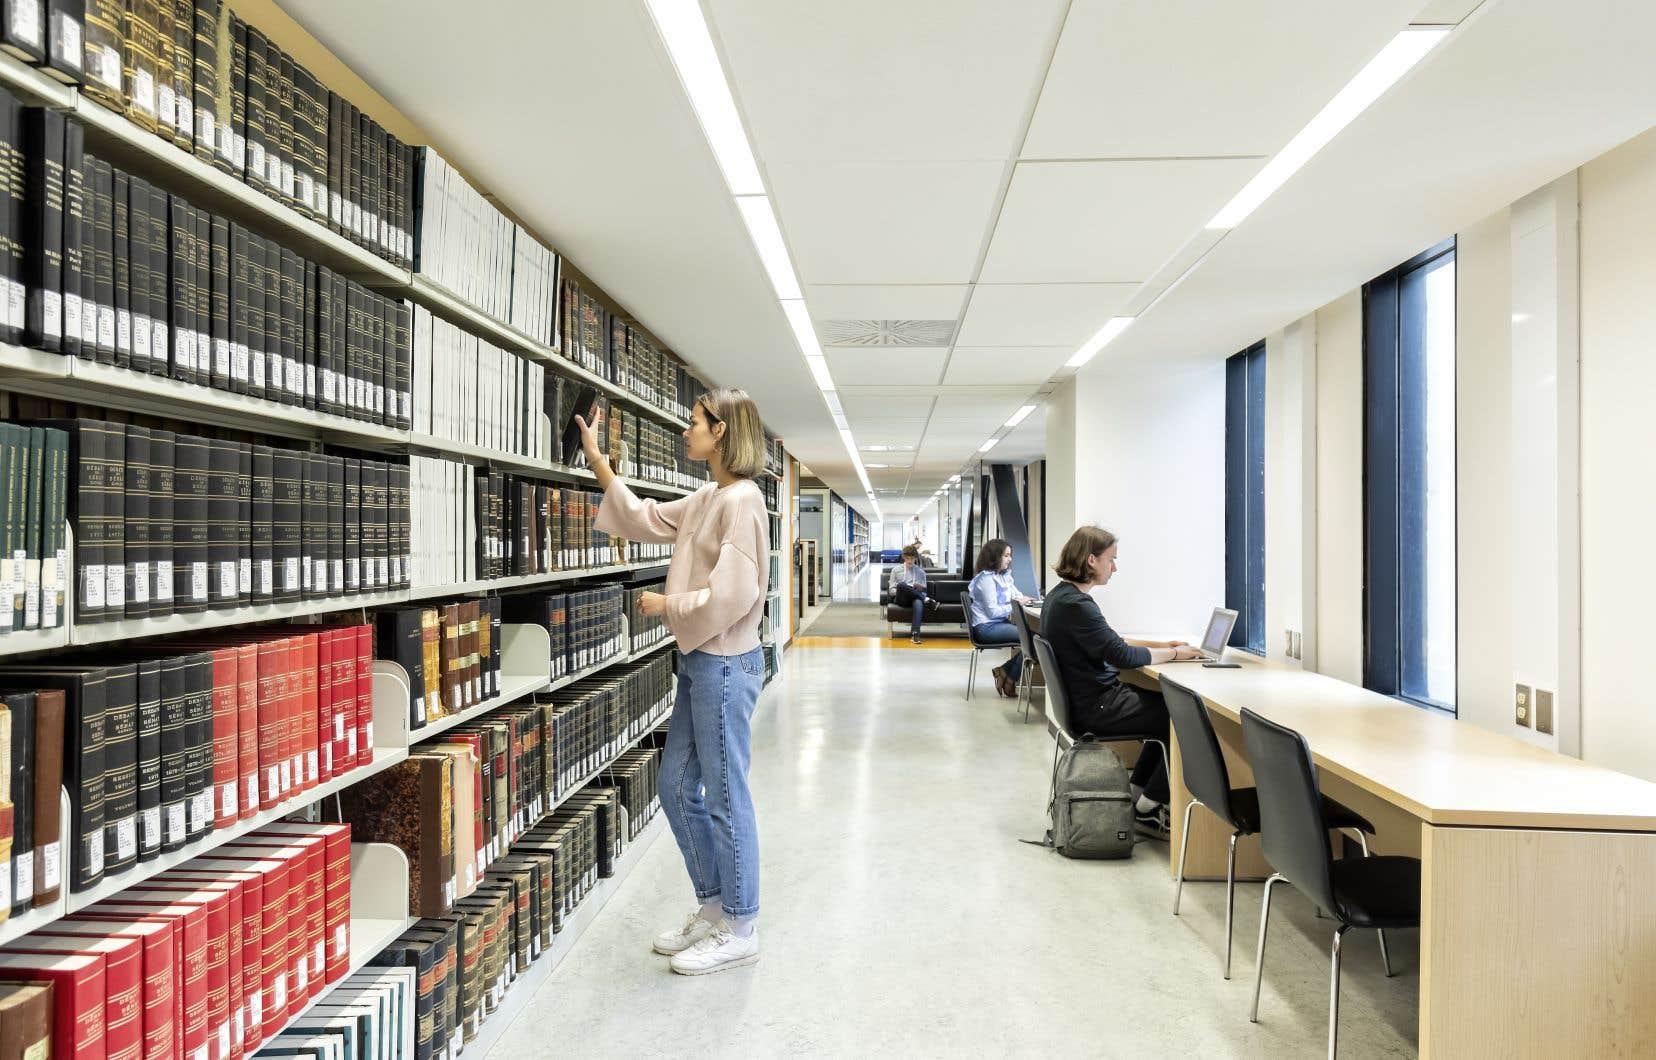 Le projet remonte à 2014, année où un groupe des bibliothèques du Réseau des universités du Québec envisageait de remplacer son système informatique.